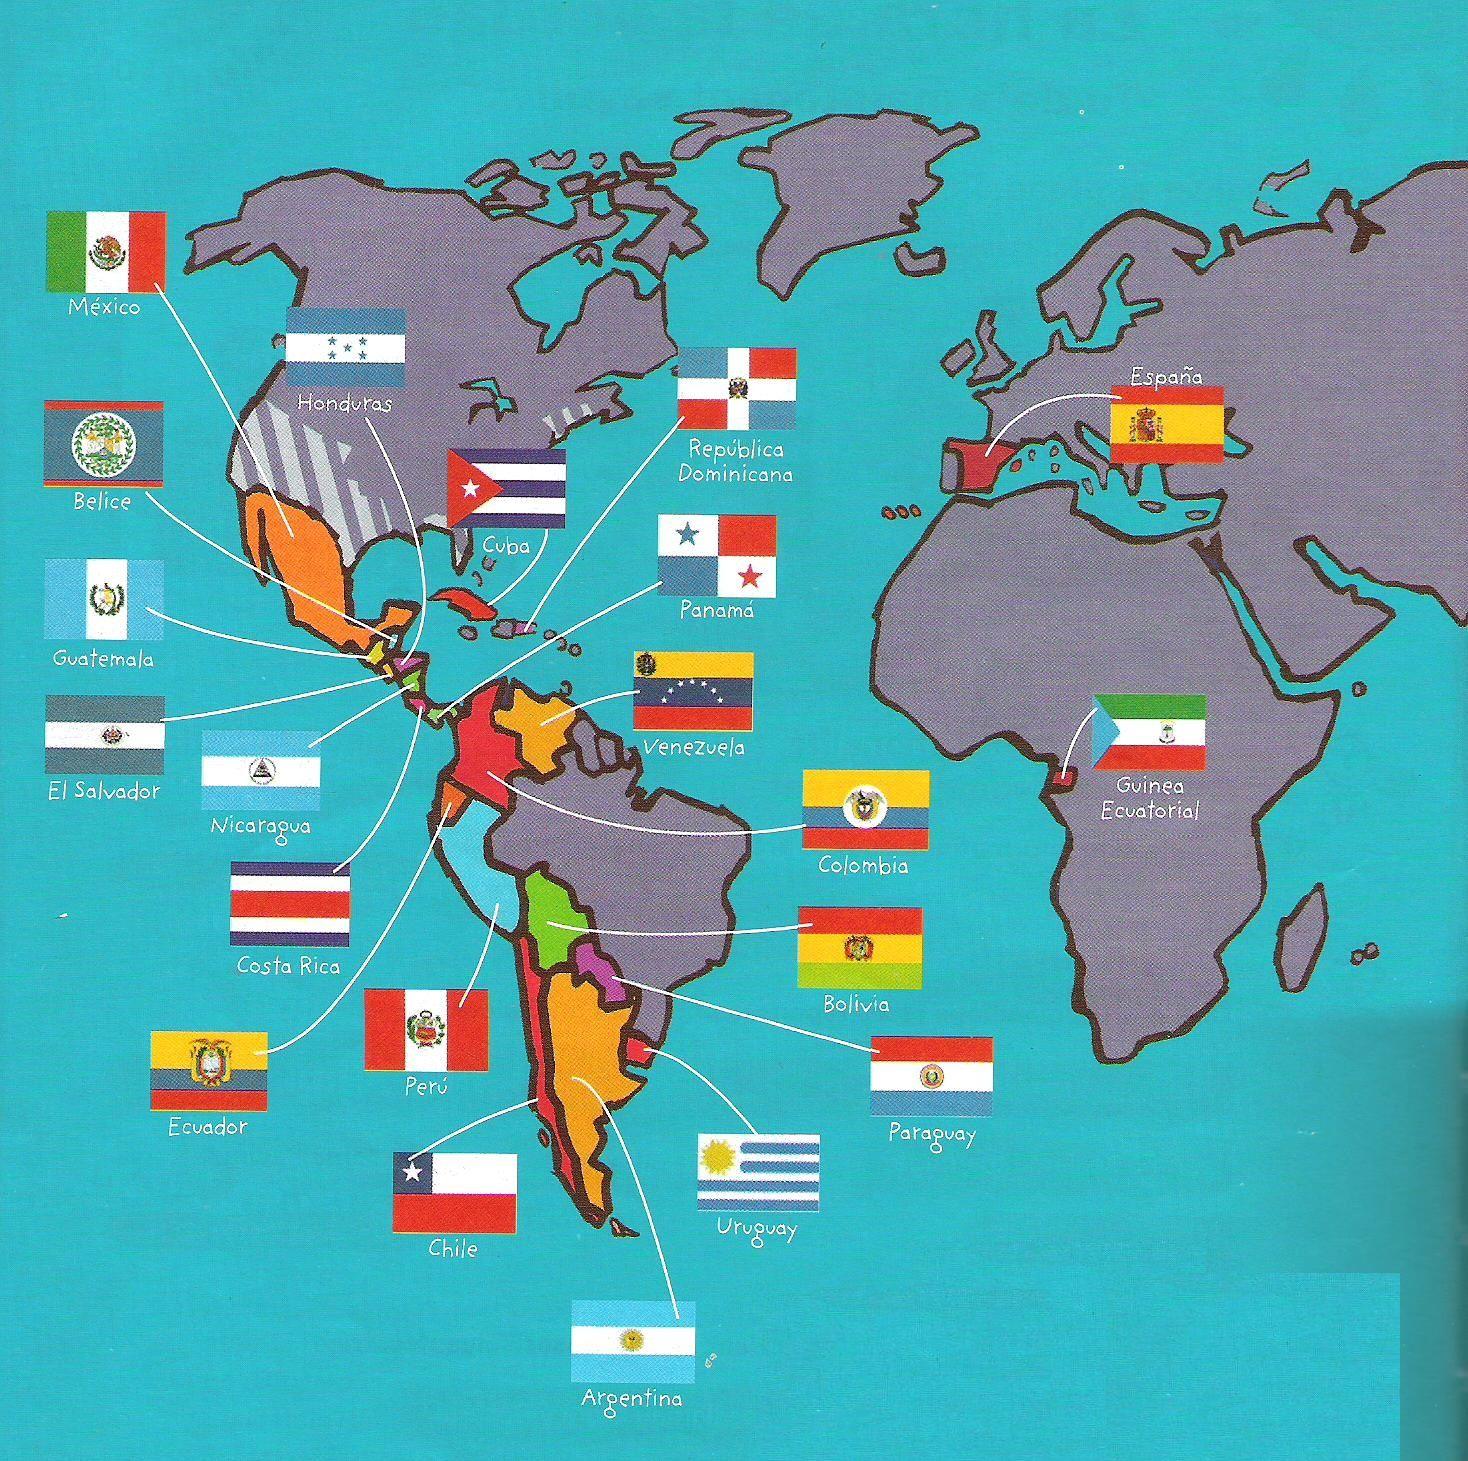 Banderas How To Speak Spanish Elementary Spanish Spanish Culture